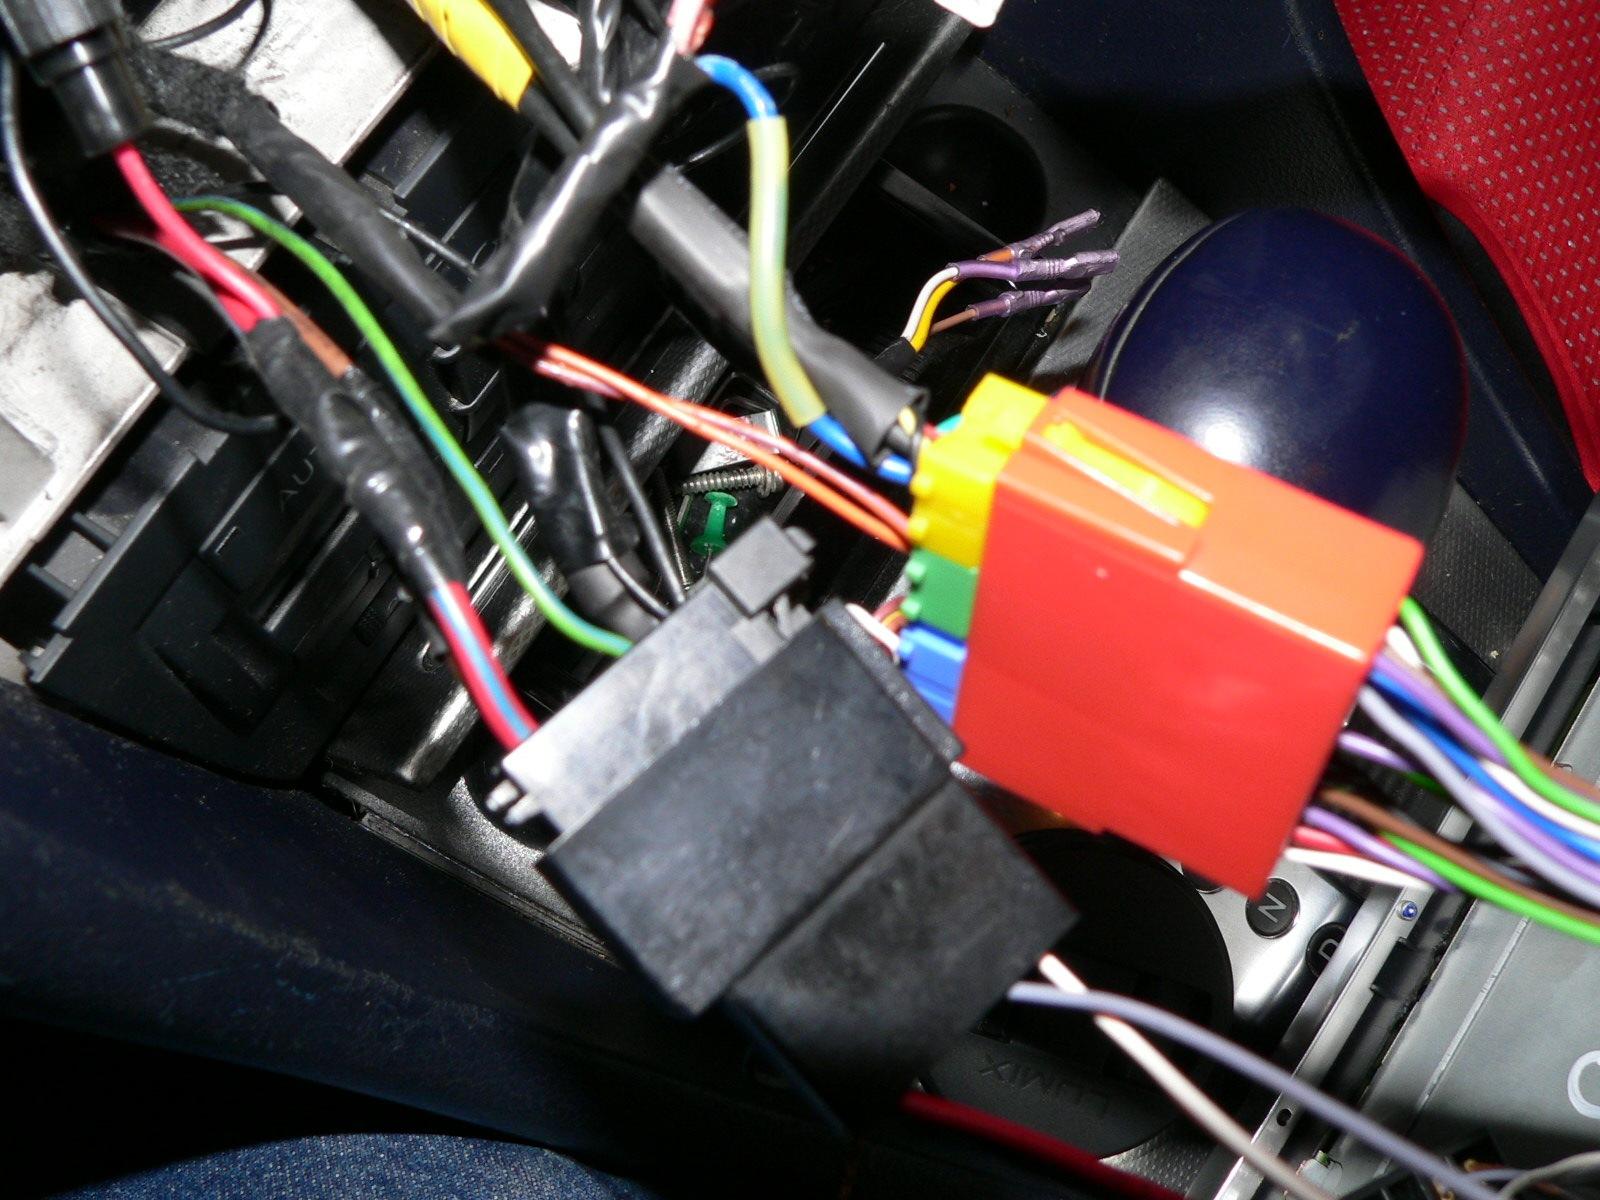 схема подключения магнитолы к штатным разъемам ауди а6